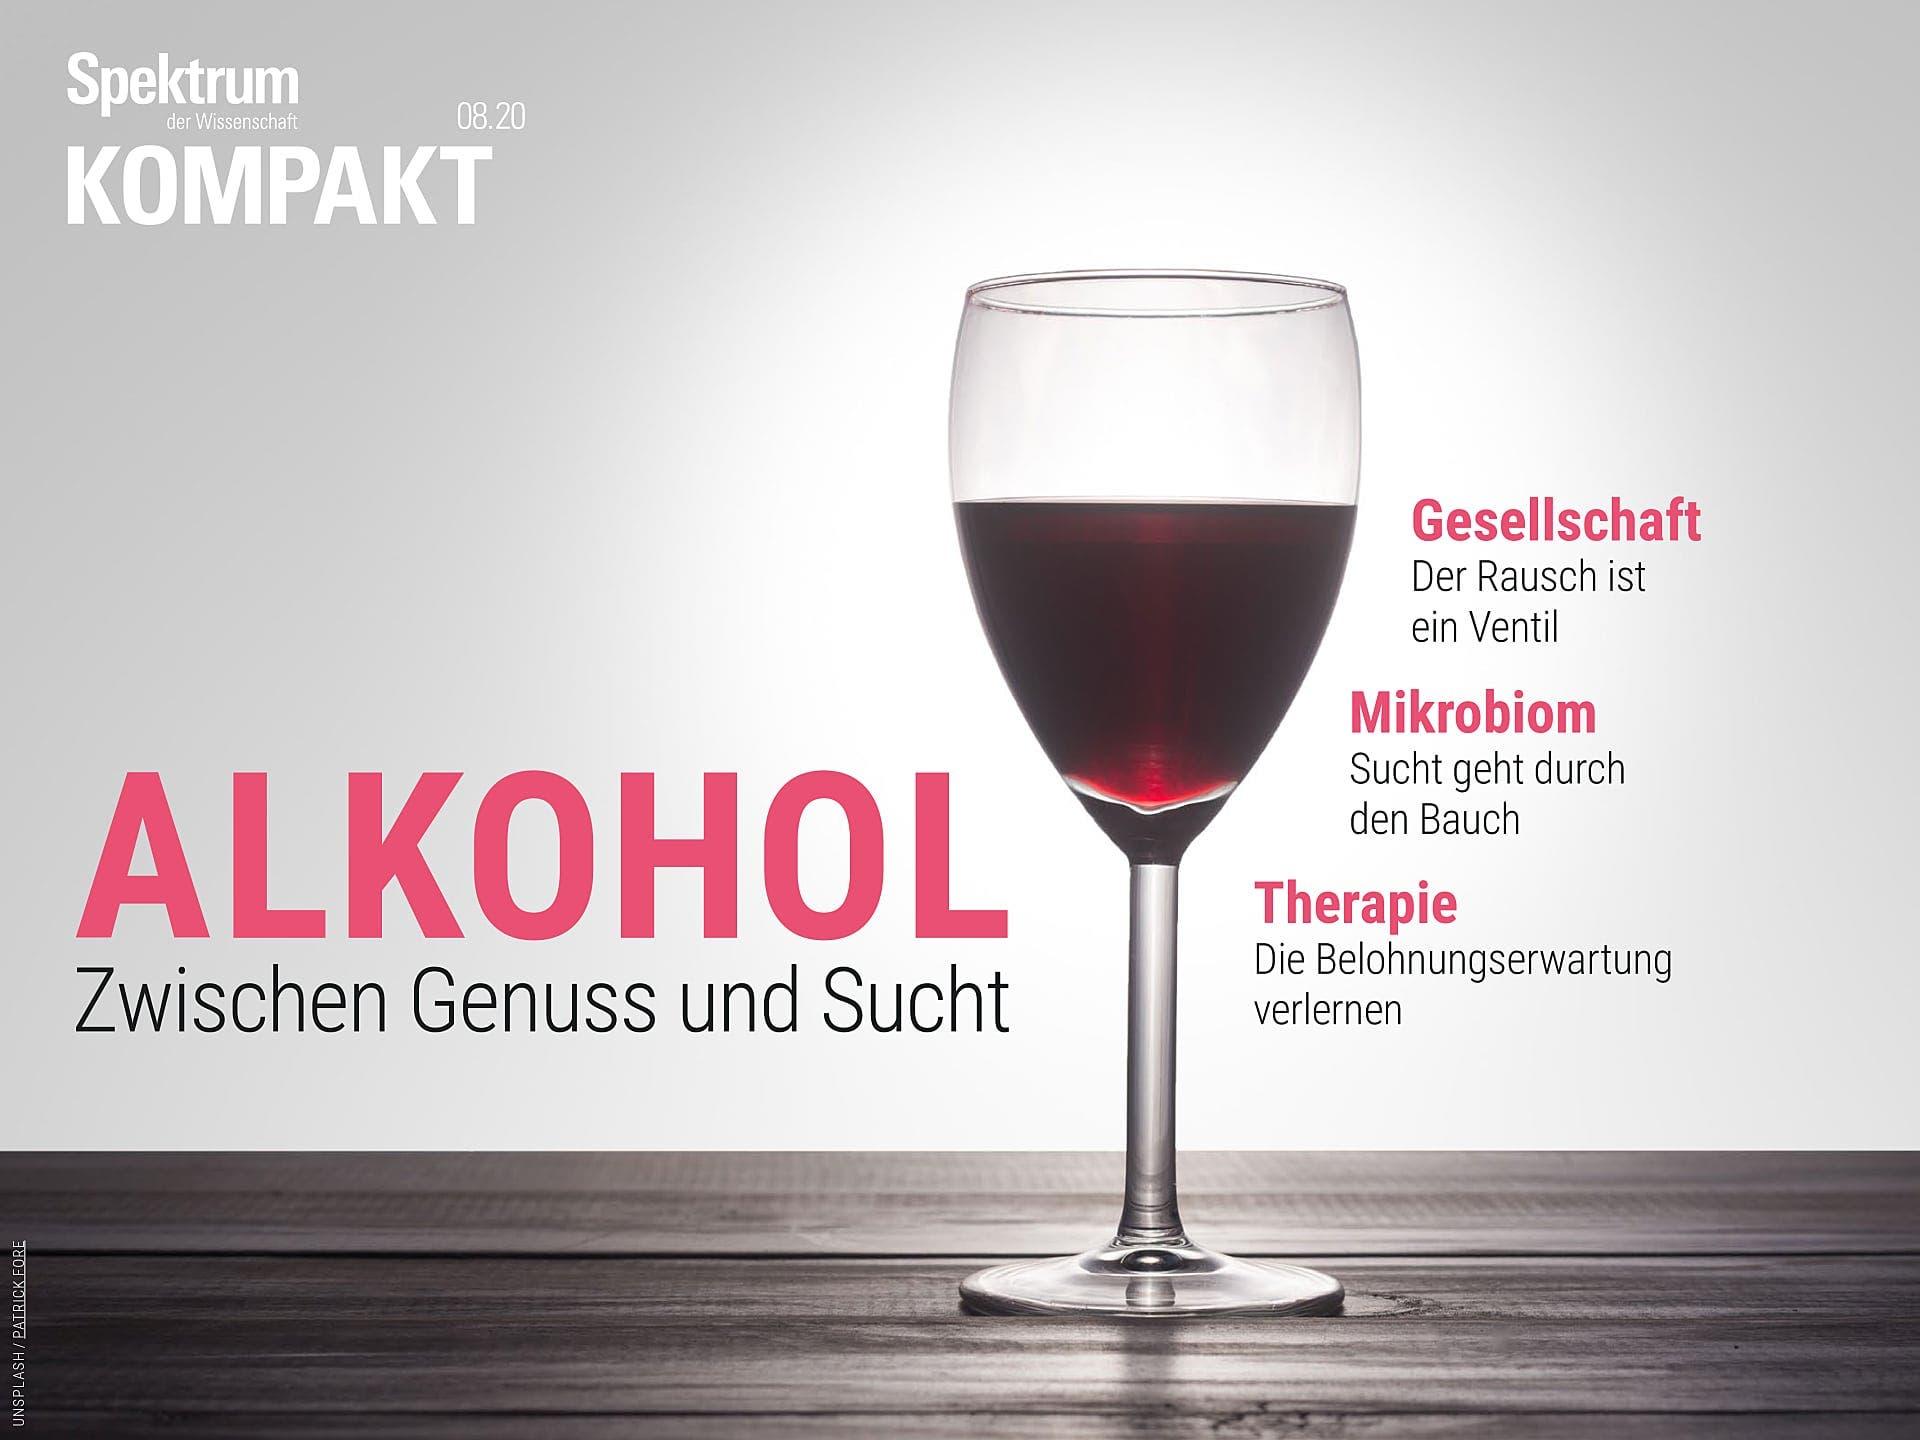 Alkohol - Zwischen Genuss und Sucht